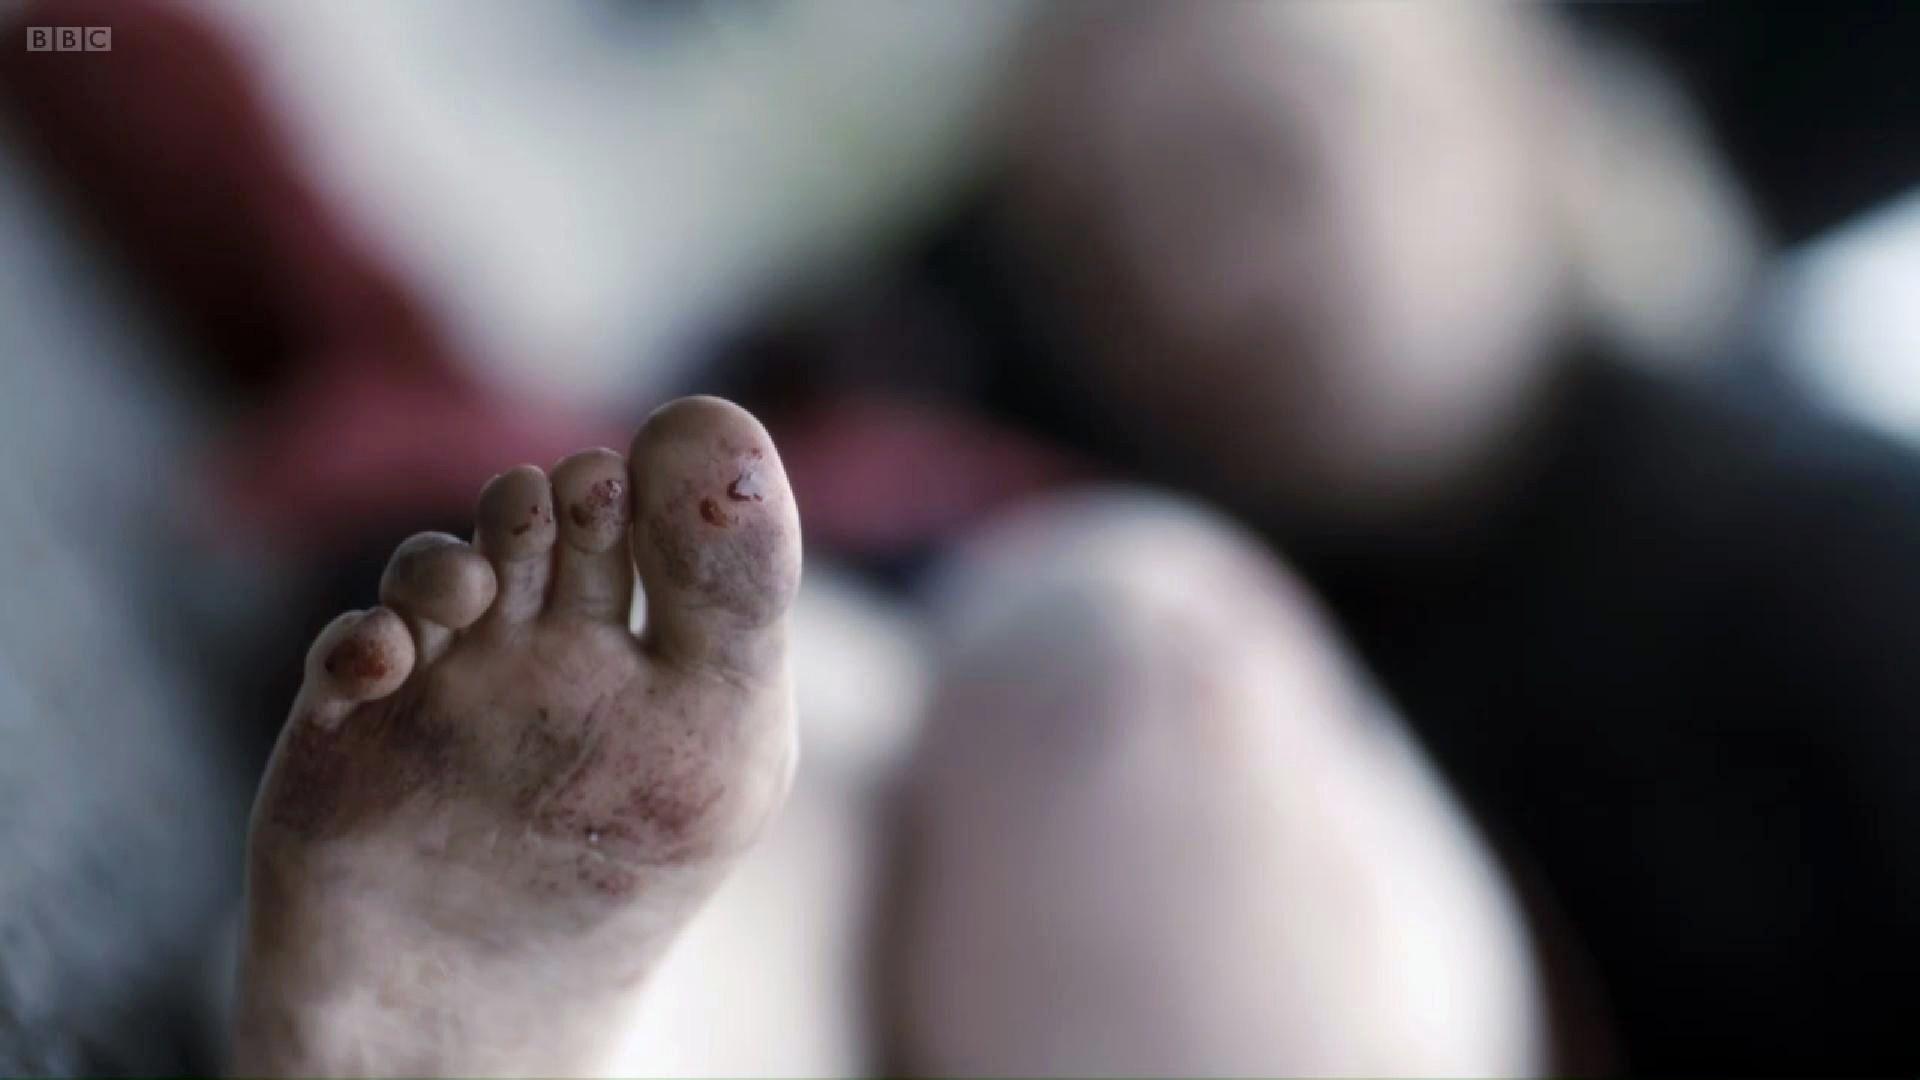 Amy Wren amy wren's feet << wikifeet